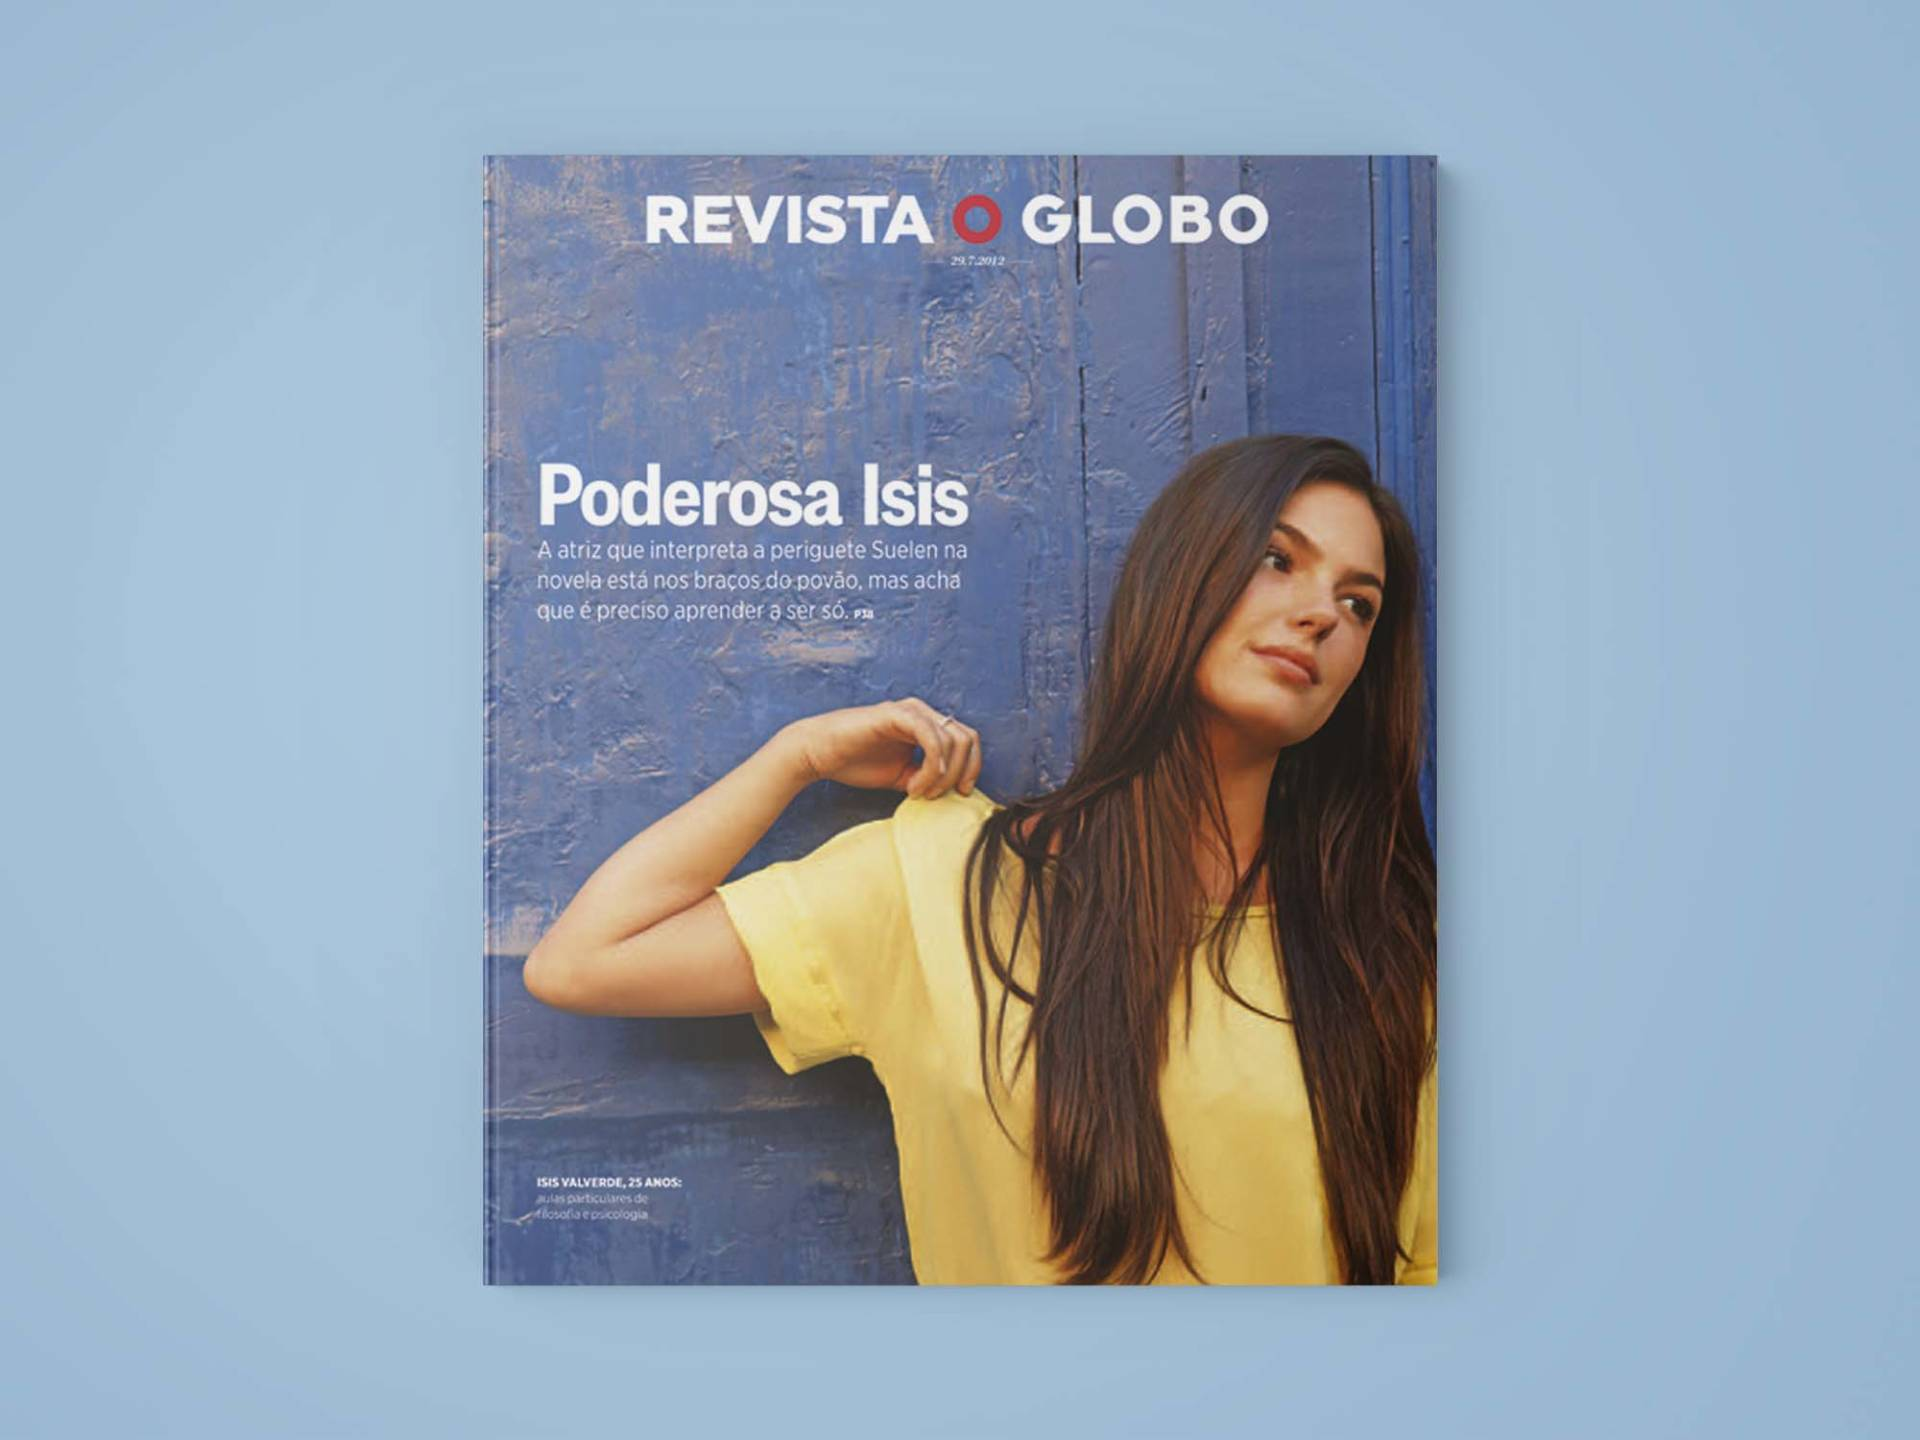 Revista_O_Globo_01_Wenceslau_News_Design